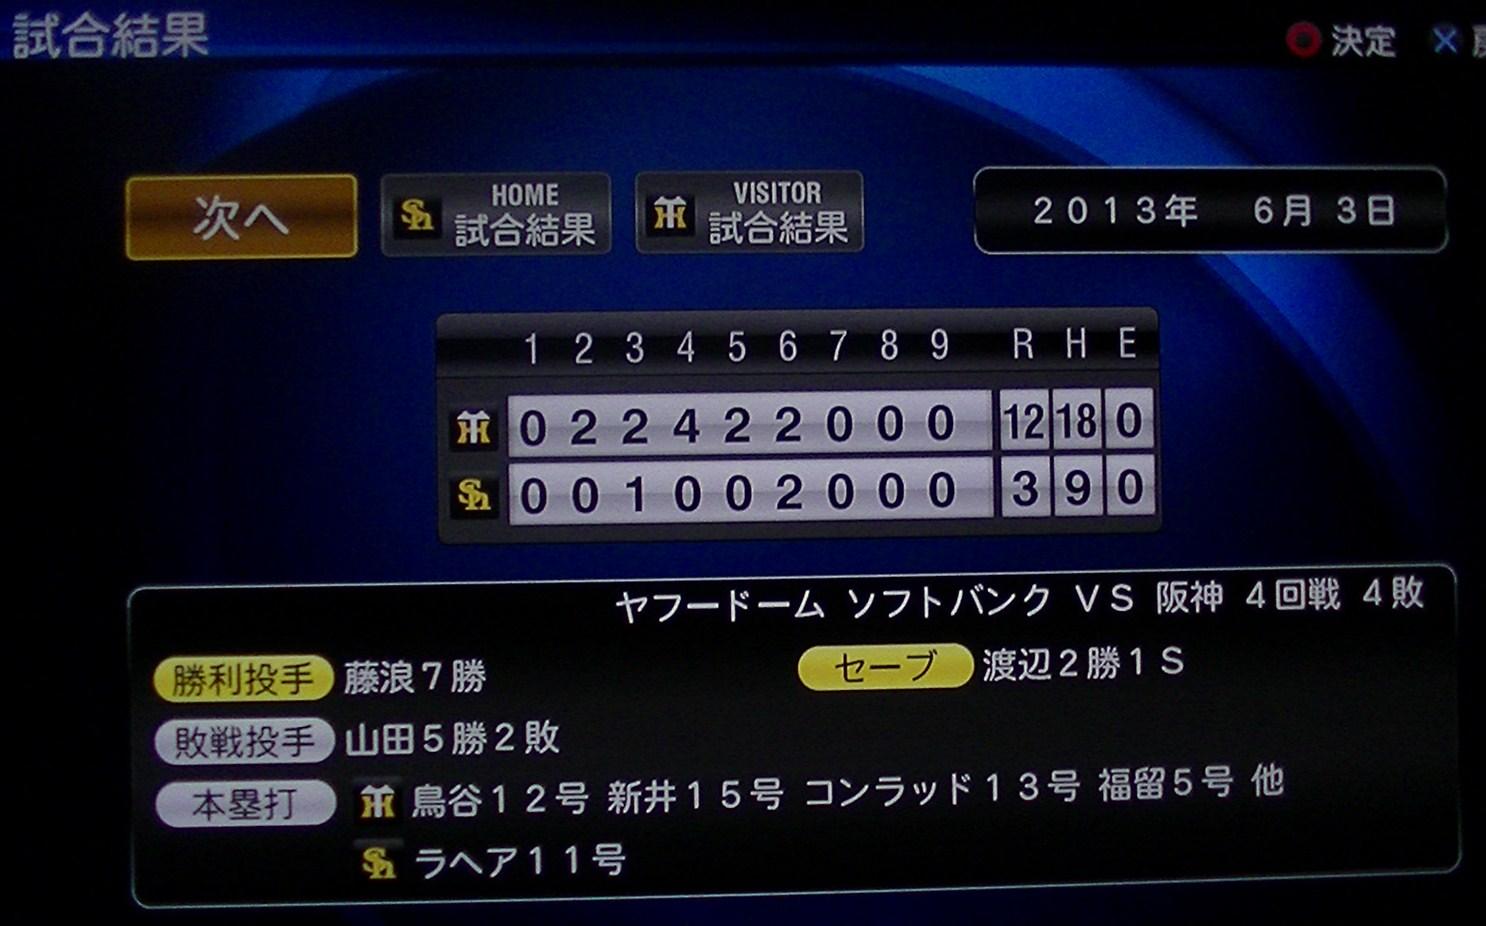 プロスピ2013対ソフトバンク4回戦(ビジター)H25.6.3分 019